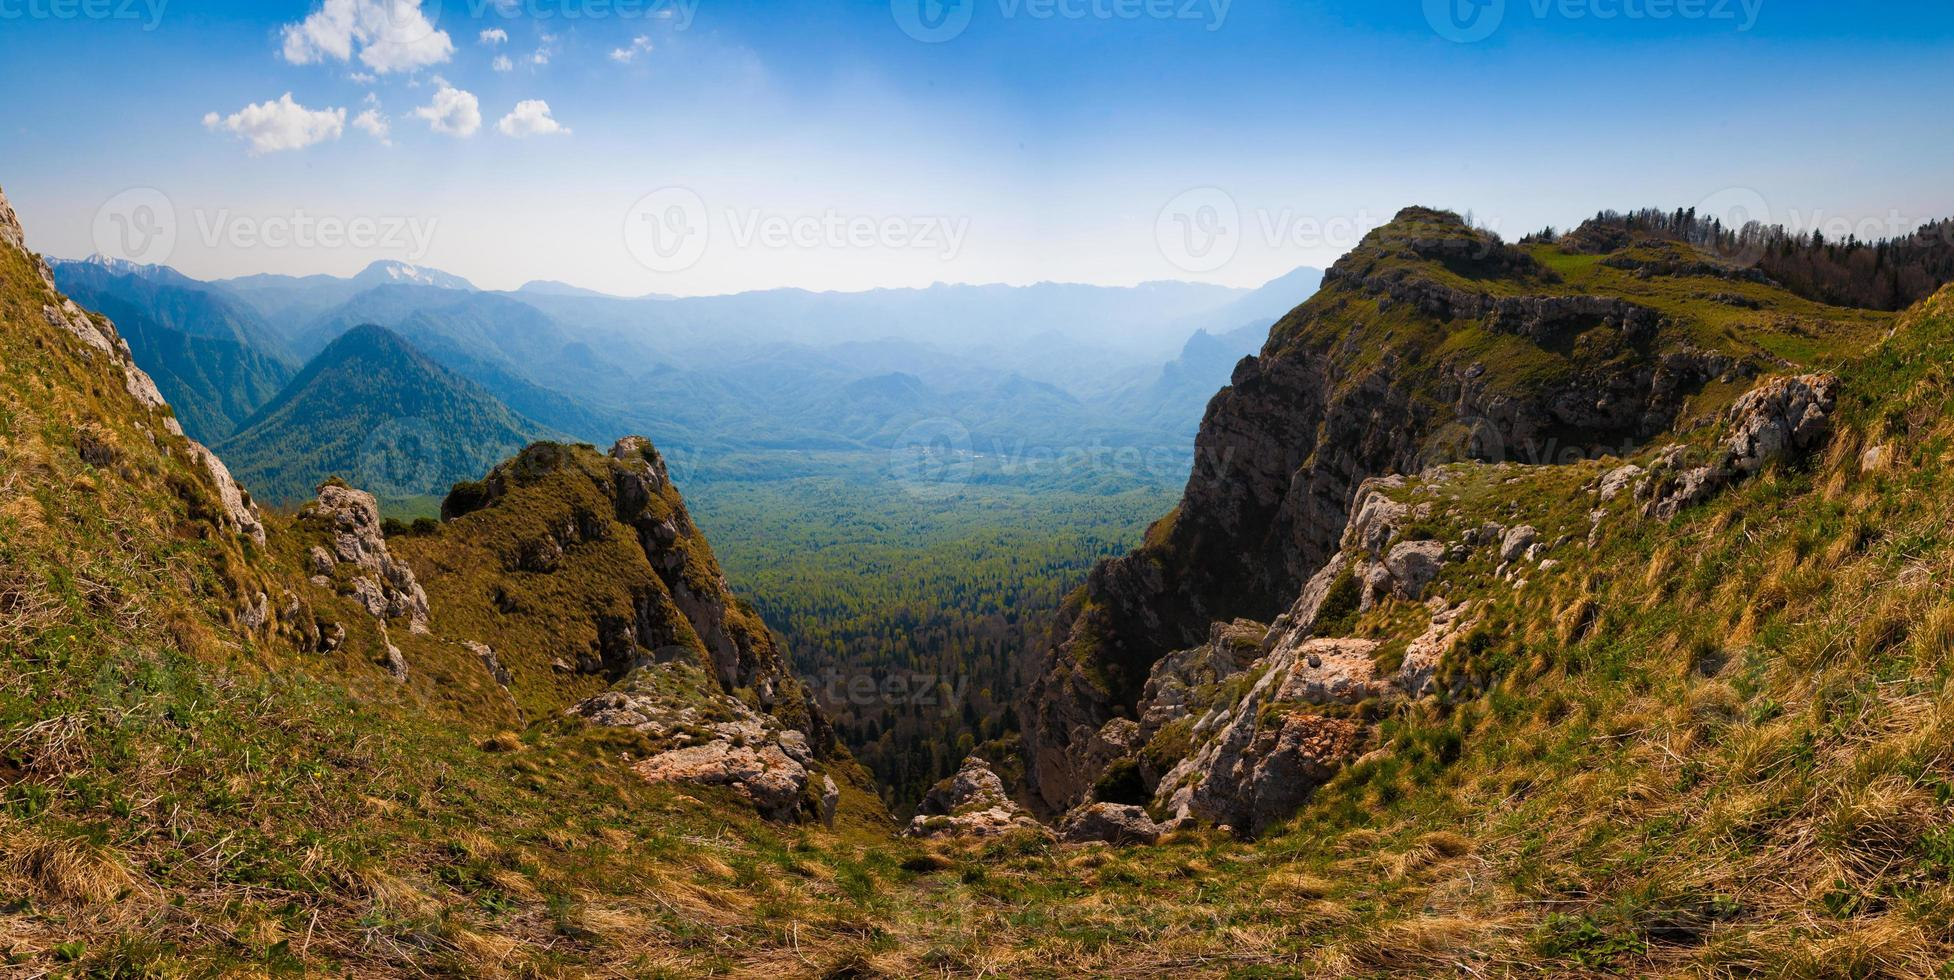 dia de montanha verão foto